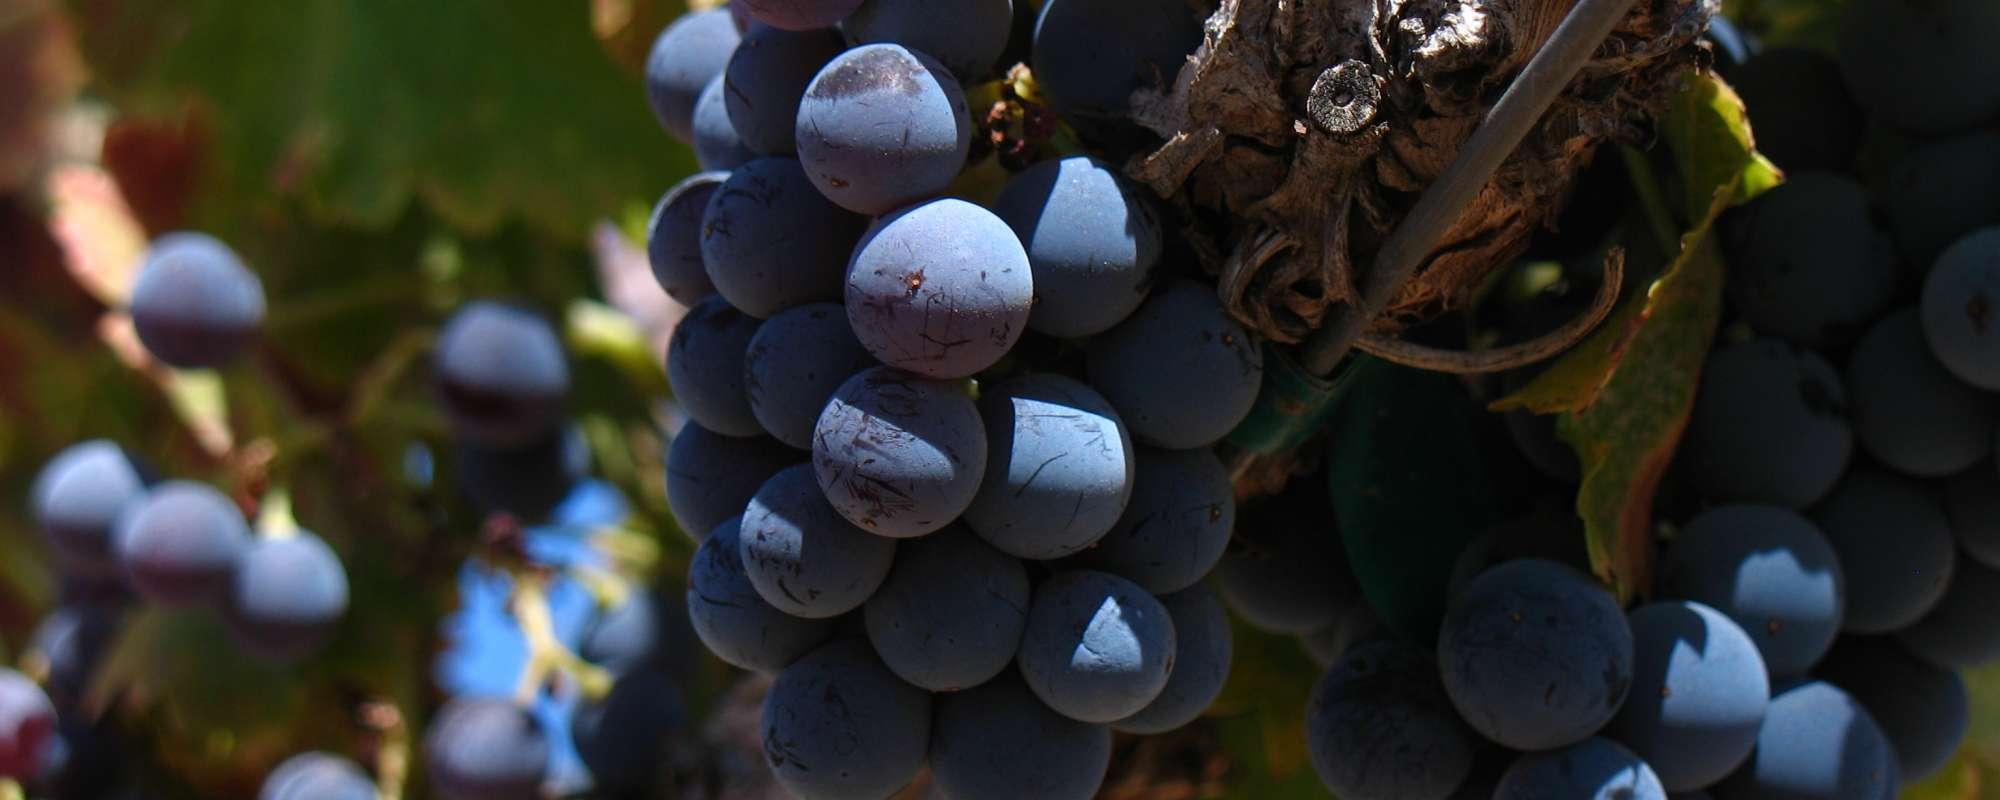 Close_up_of_Grenache_grape_cluster.jpg#asset:1004:x800